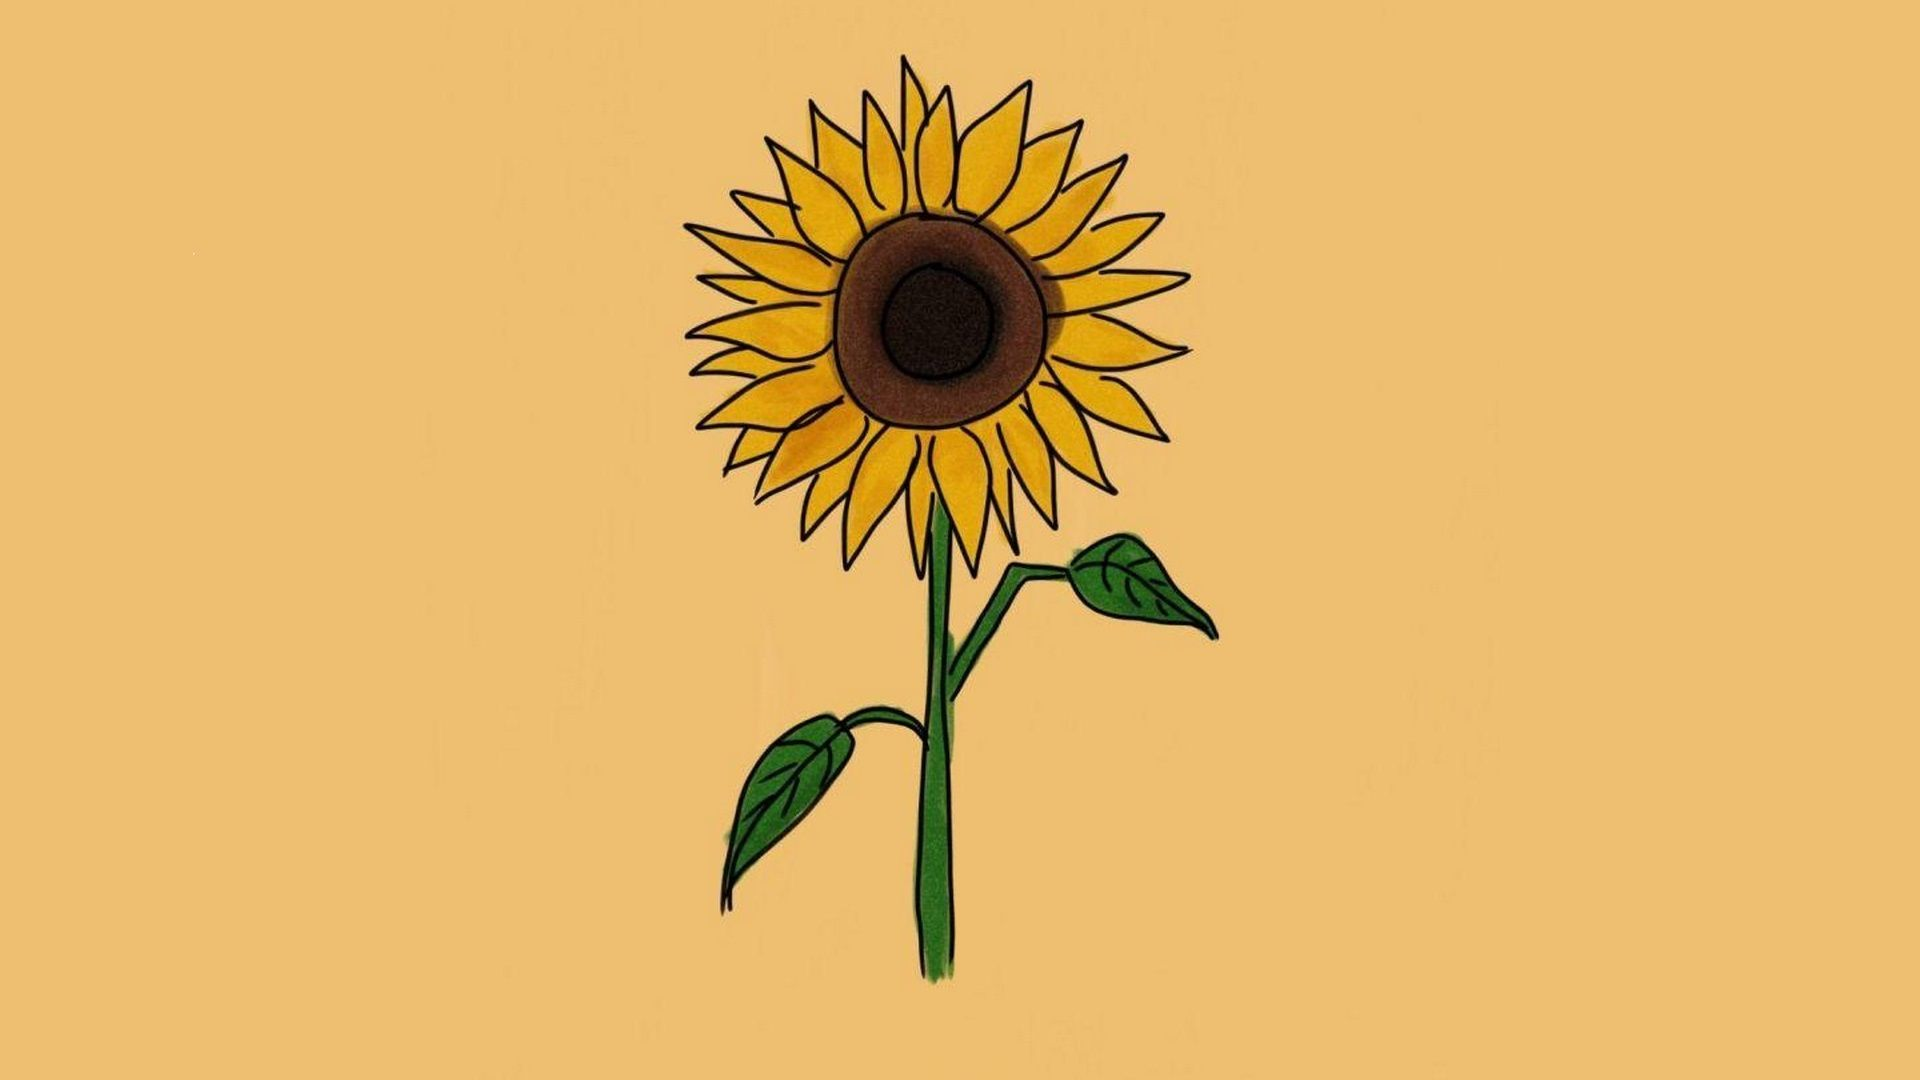 Image Result For Sunflower Wallpaper Iphone 7 Papeis De Parede Para Iphone Imagem De Fundo Para Iphone Planos De Fundo